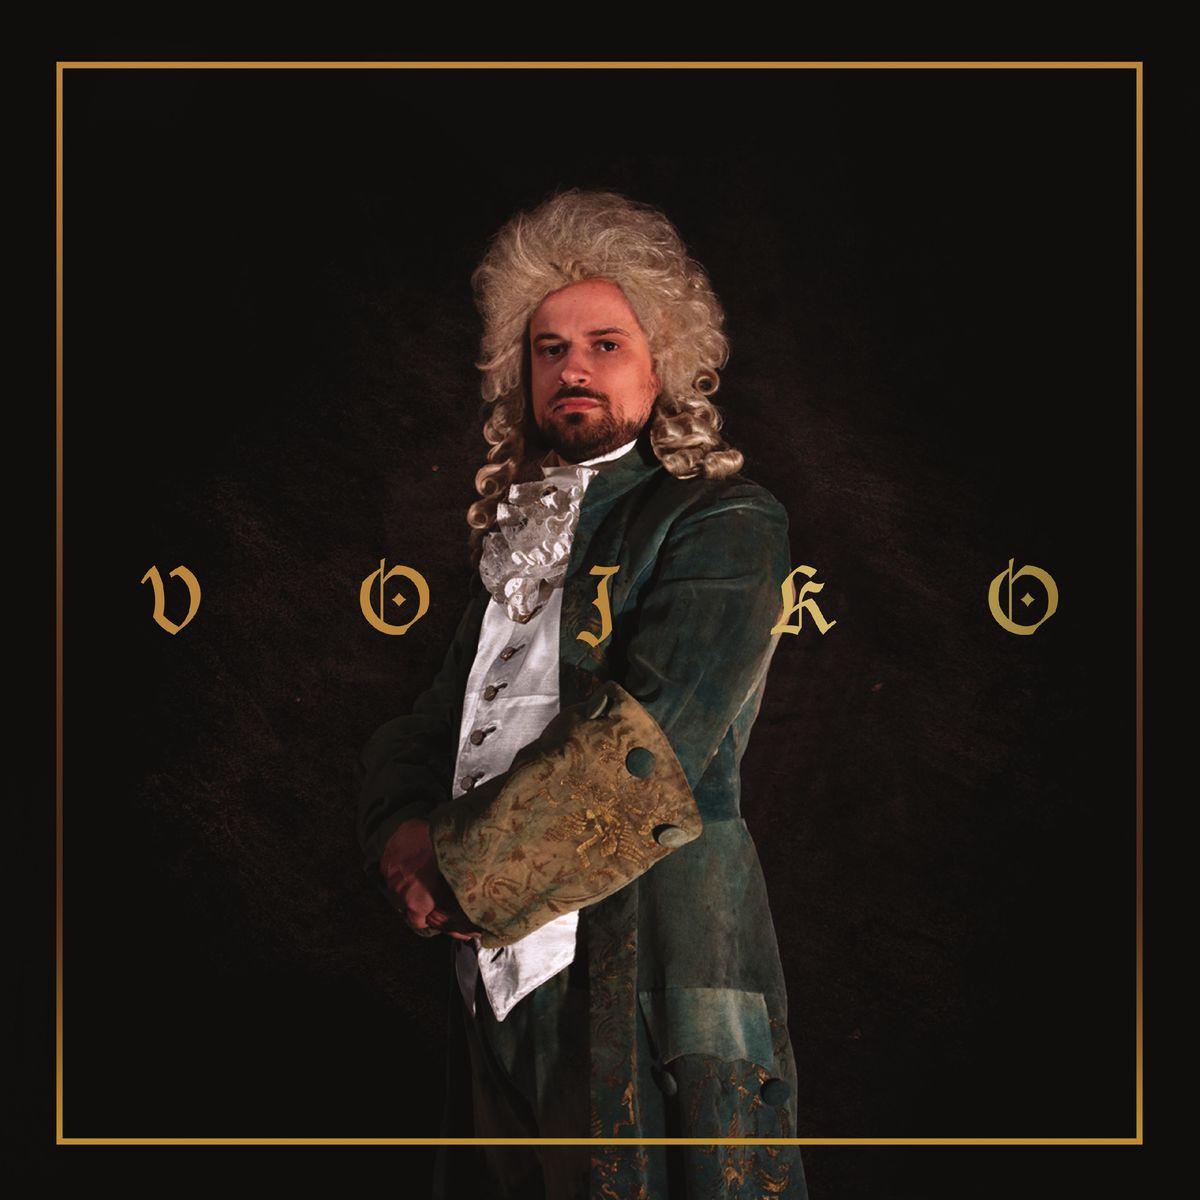 Vojko V - recenzija albuma